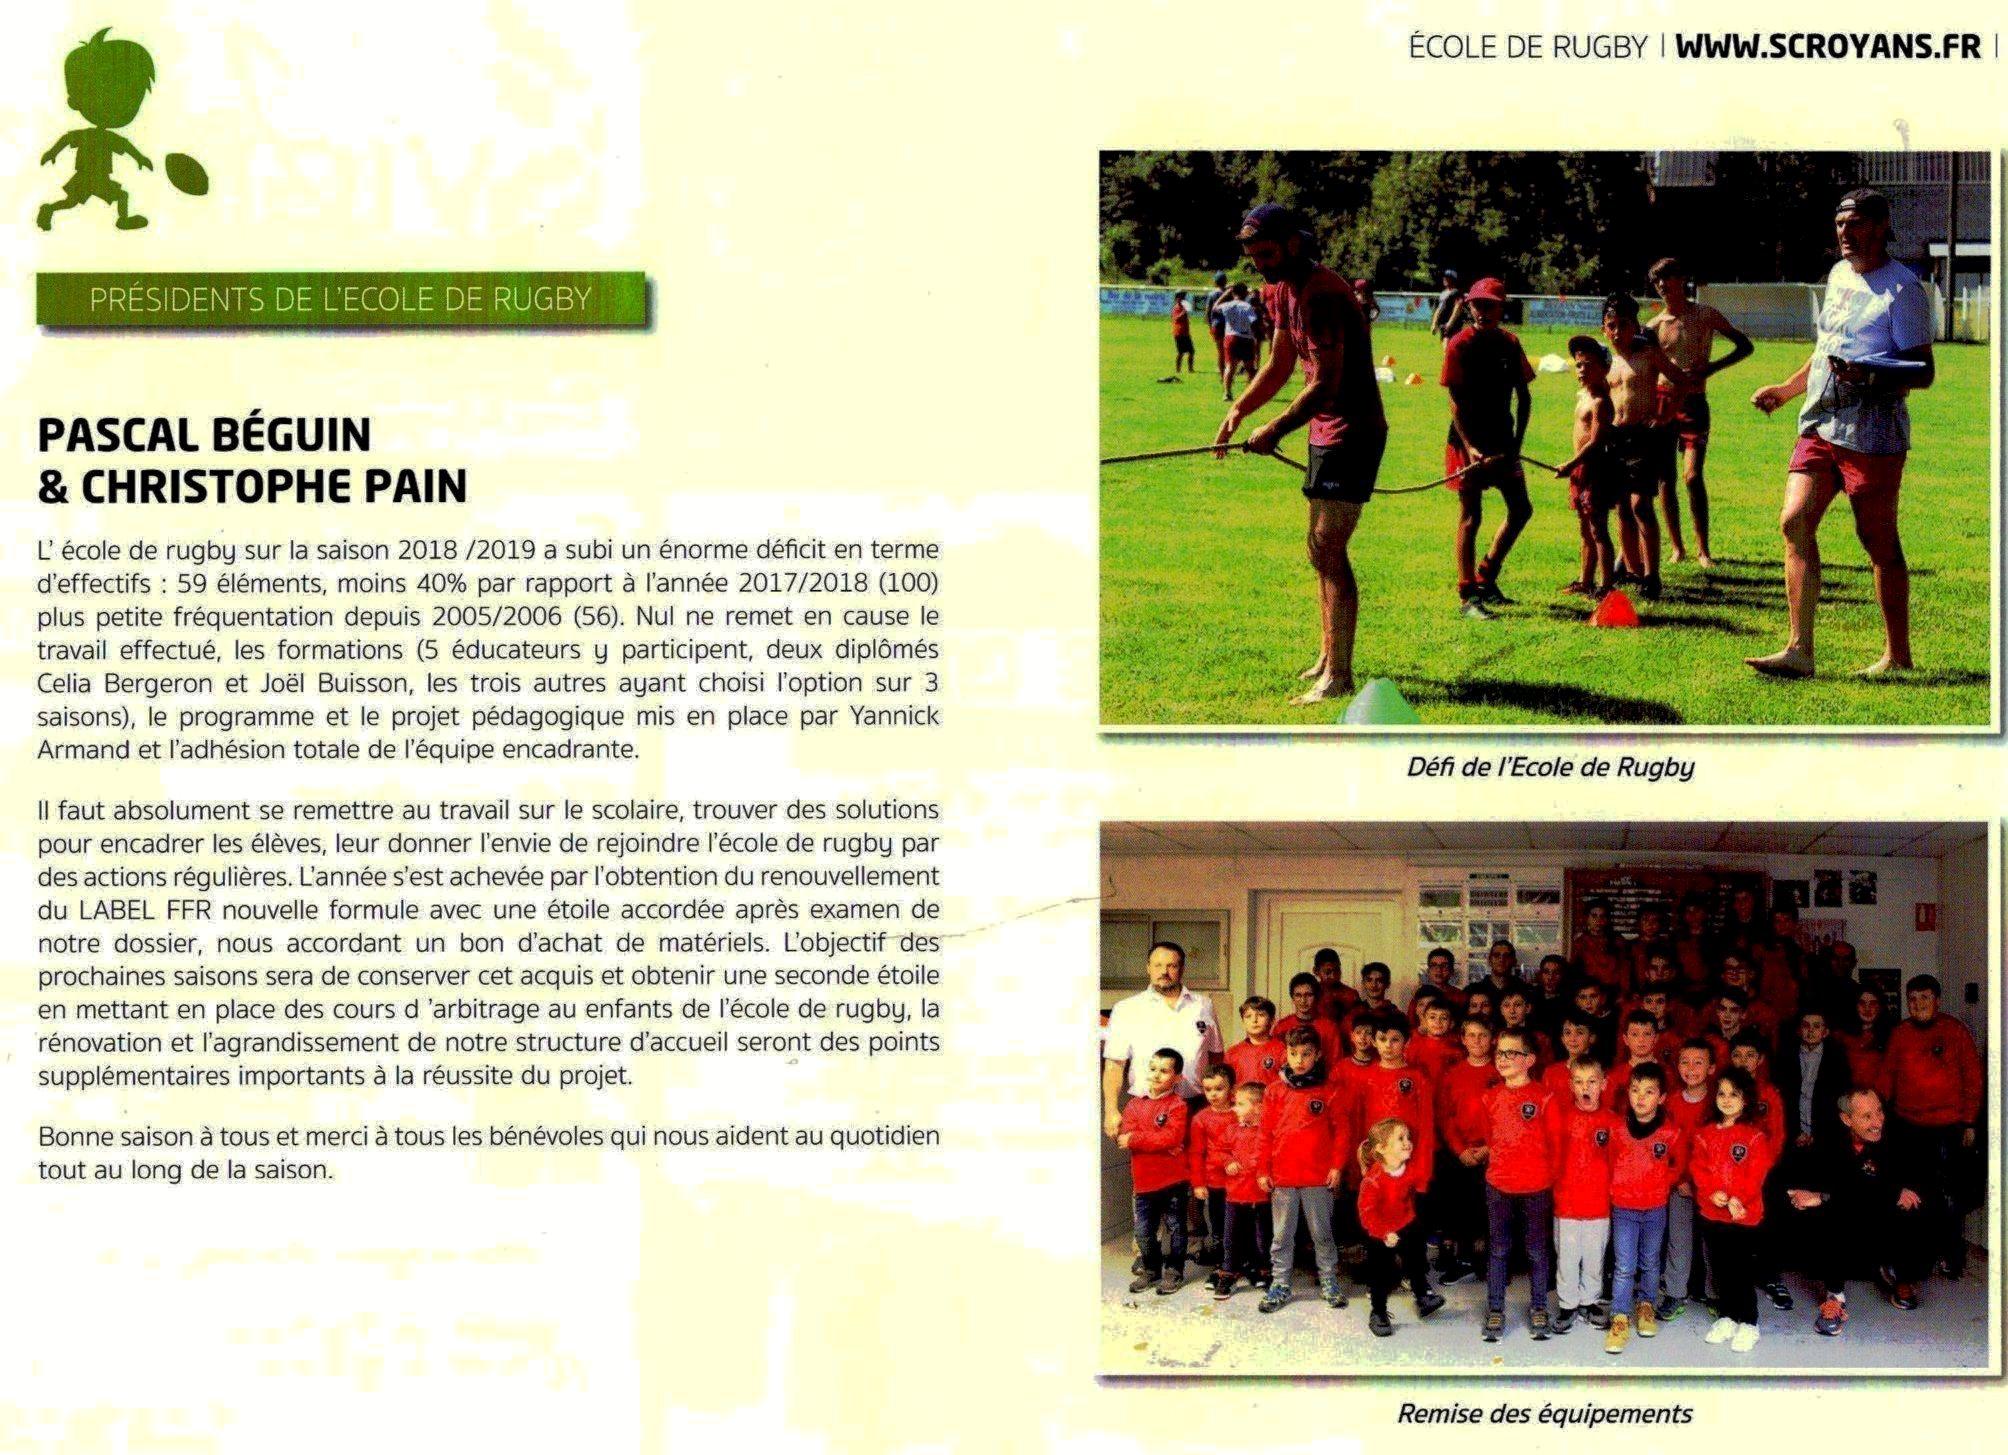 P.Béguin / C.PAIN